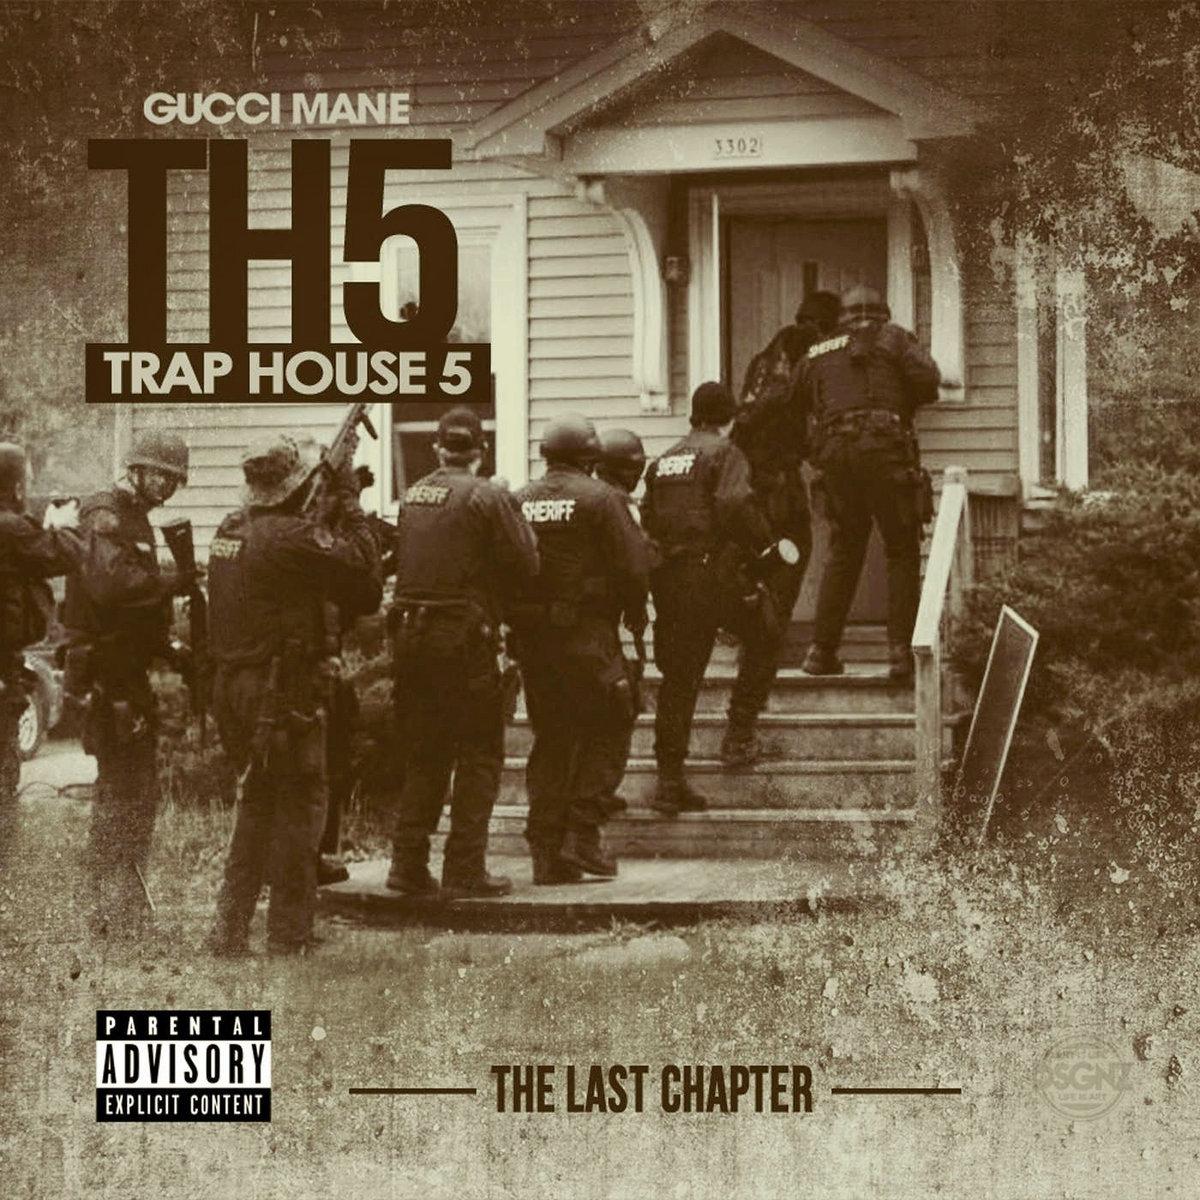 Gucci Mane - Trap House 5